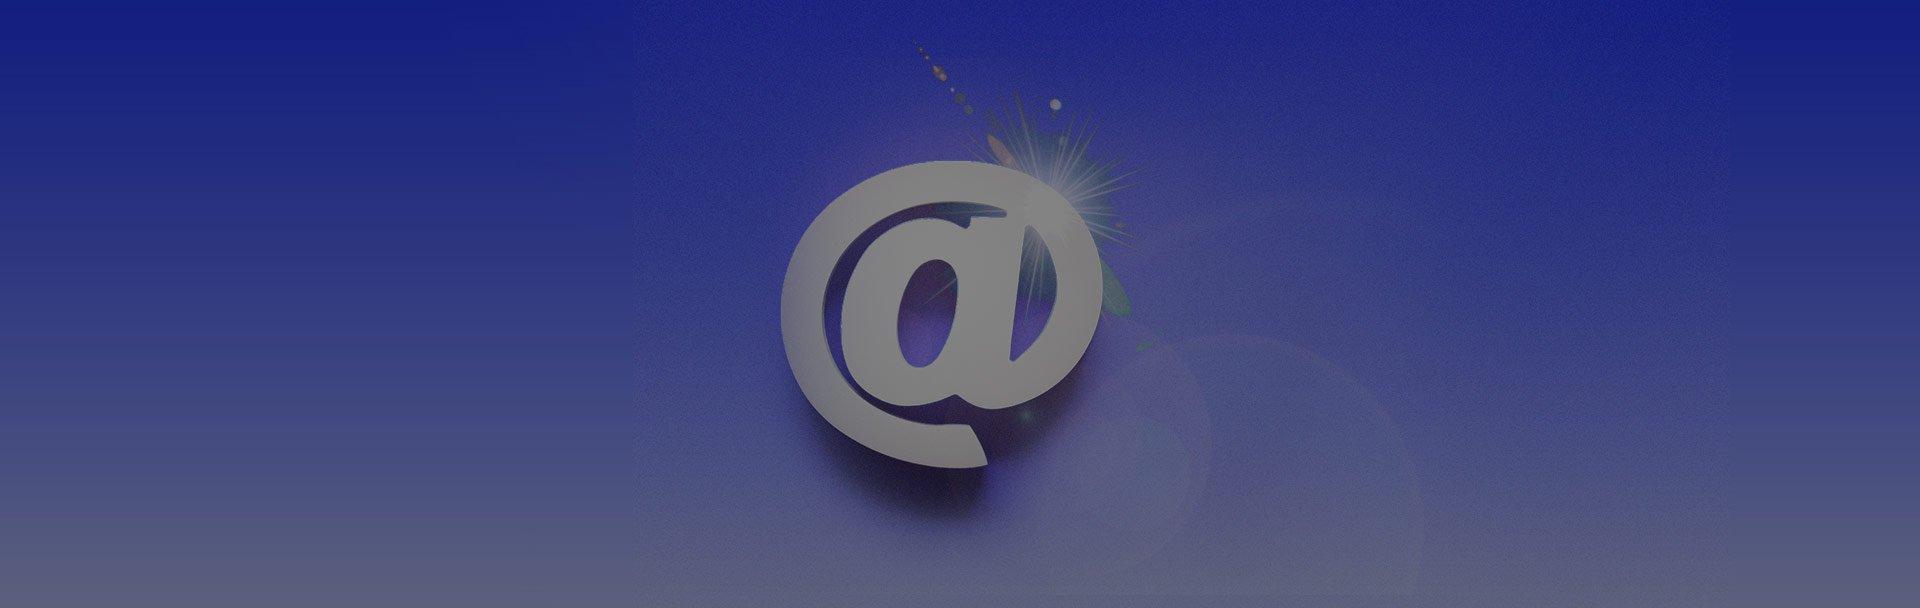 solucionweb-banner-blog-estrategia-digital-inbound-redes-sociales-blog-ventajas-de-tener-tu-propio-dominio-de-correo.jpg